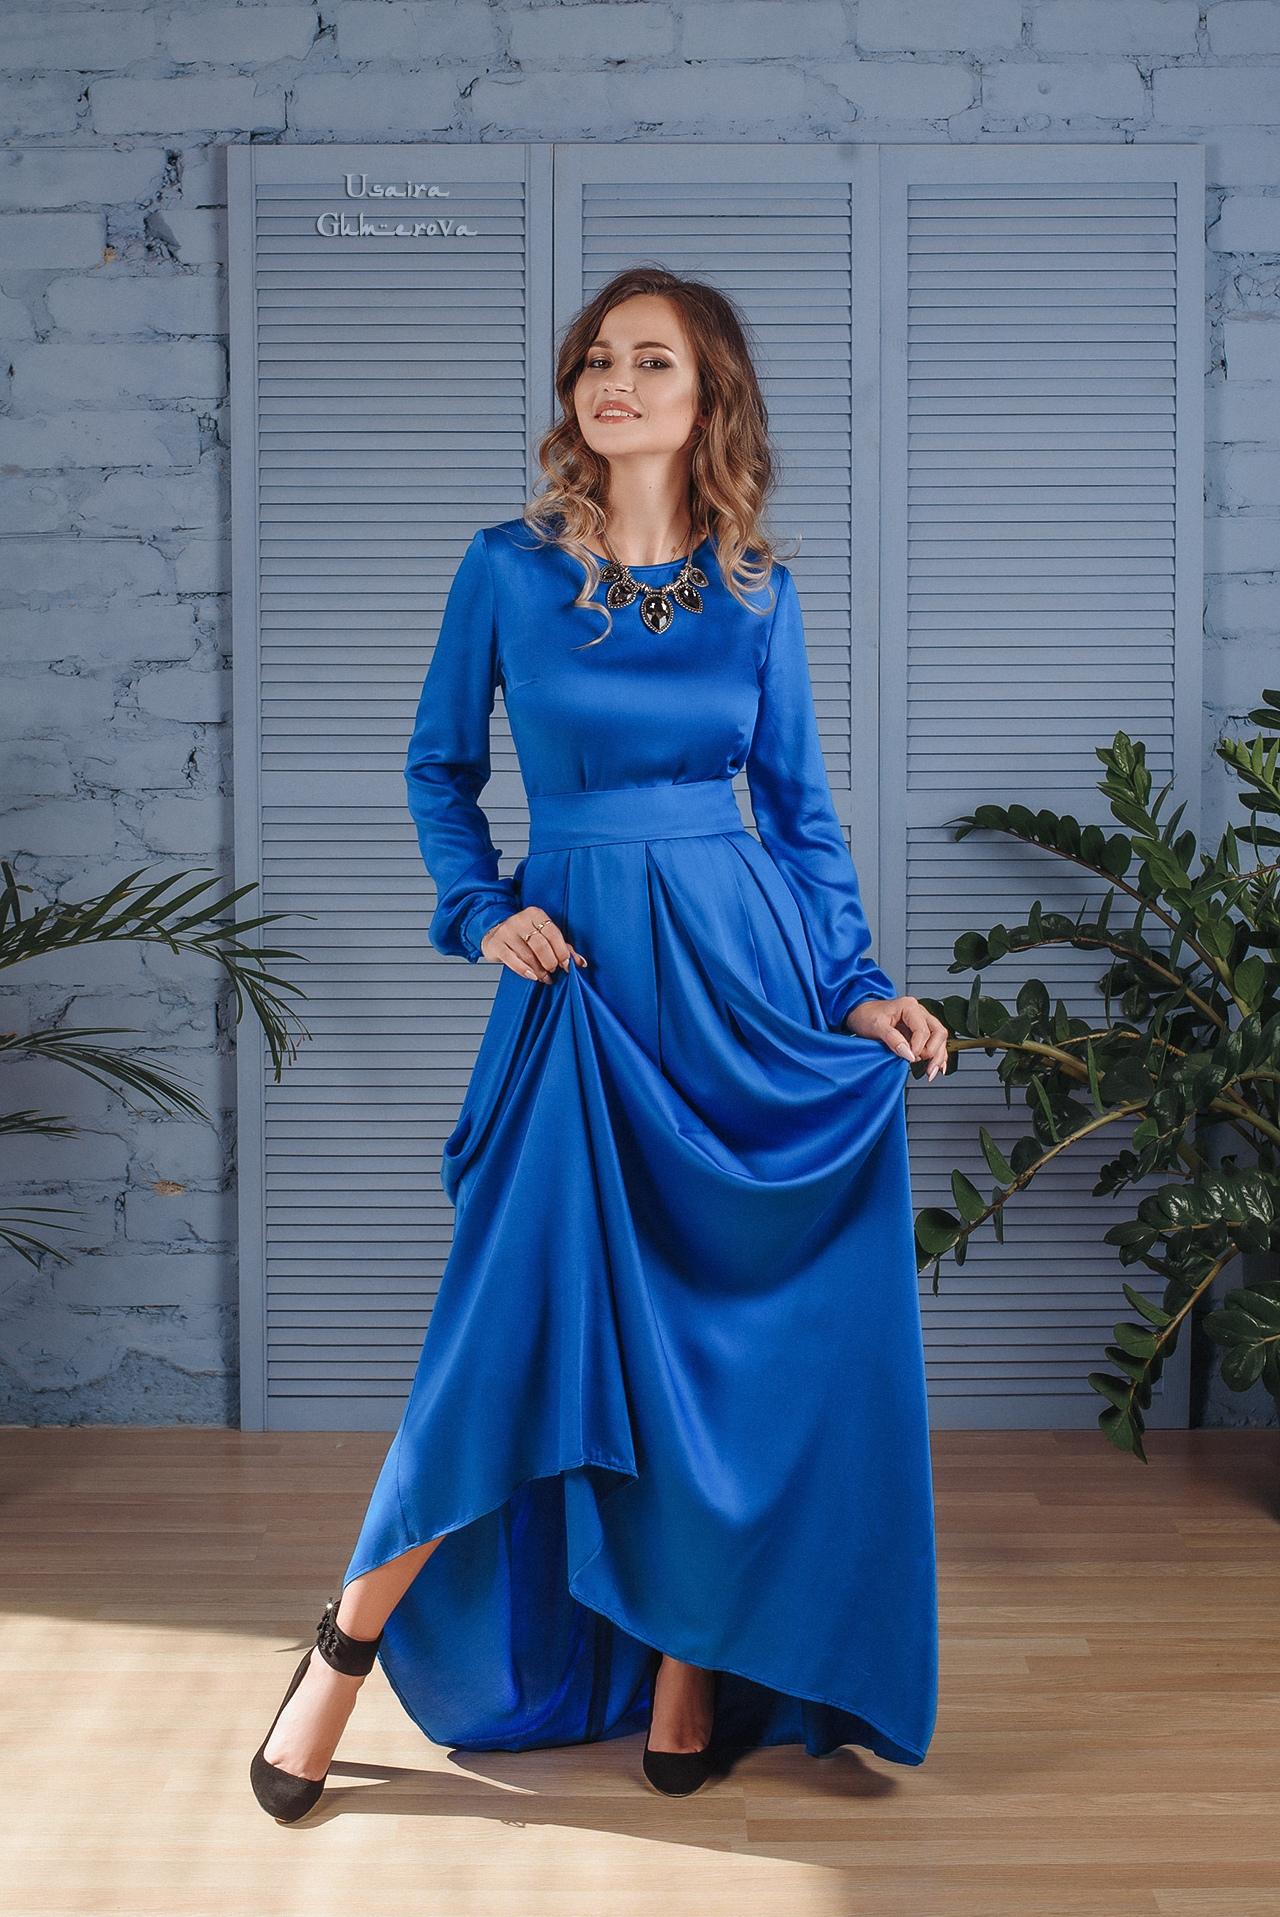 Роскошный образ, богатейший цвет, идеальная женственность!